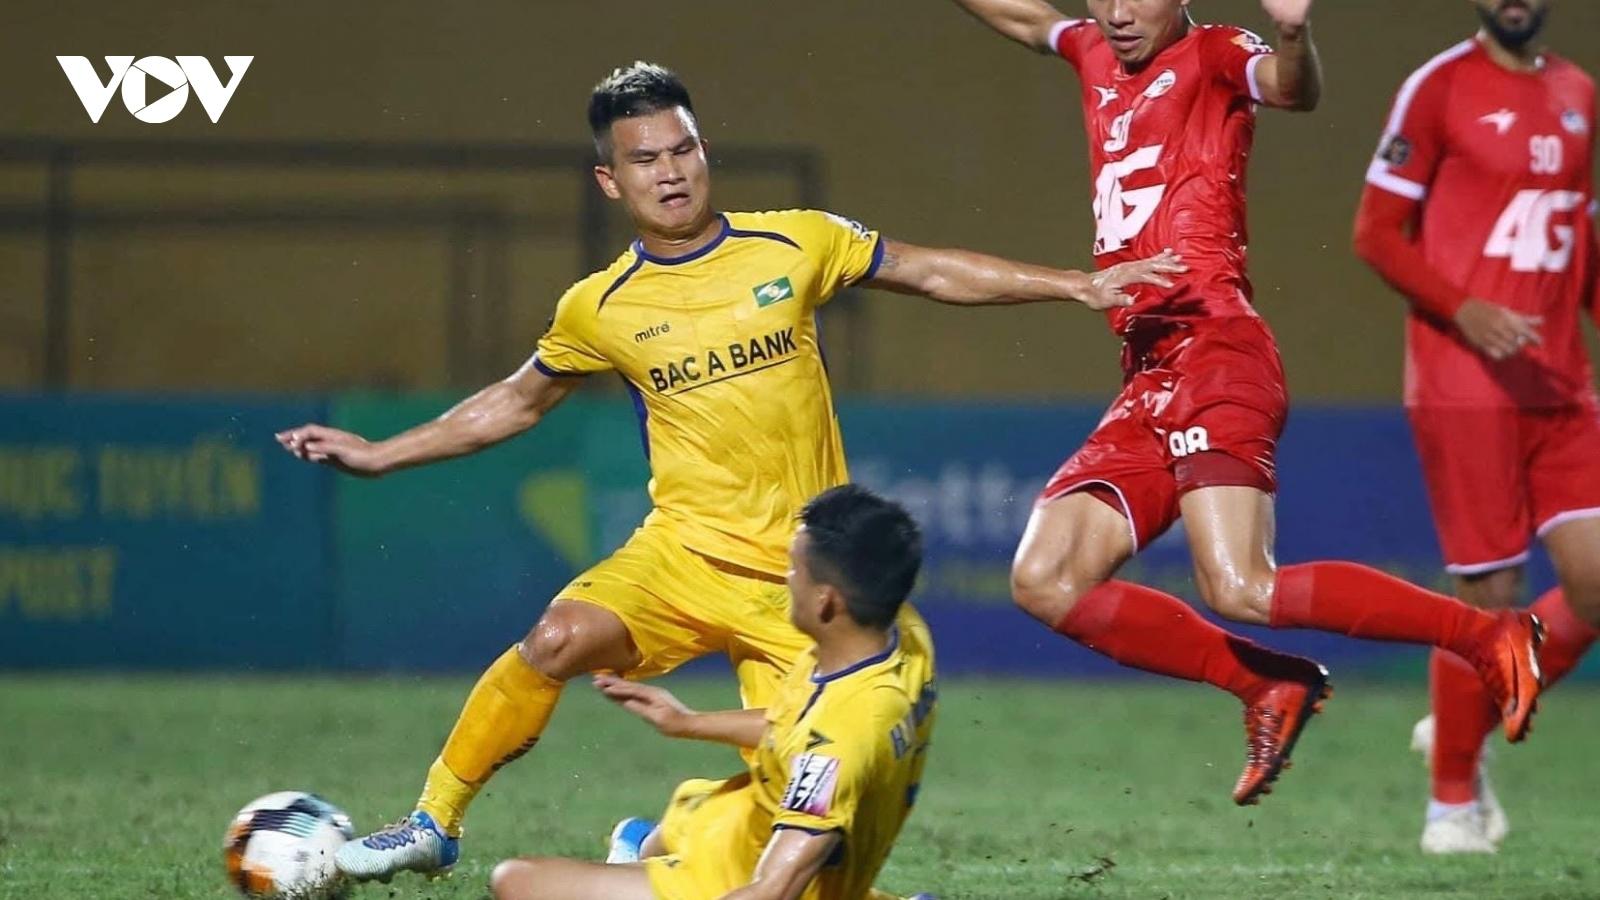 200 ca chấn thương của bóng đá Việt Nam được trả bảo hiểm hơn 6 tỷ đồng